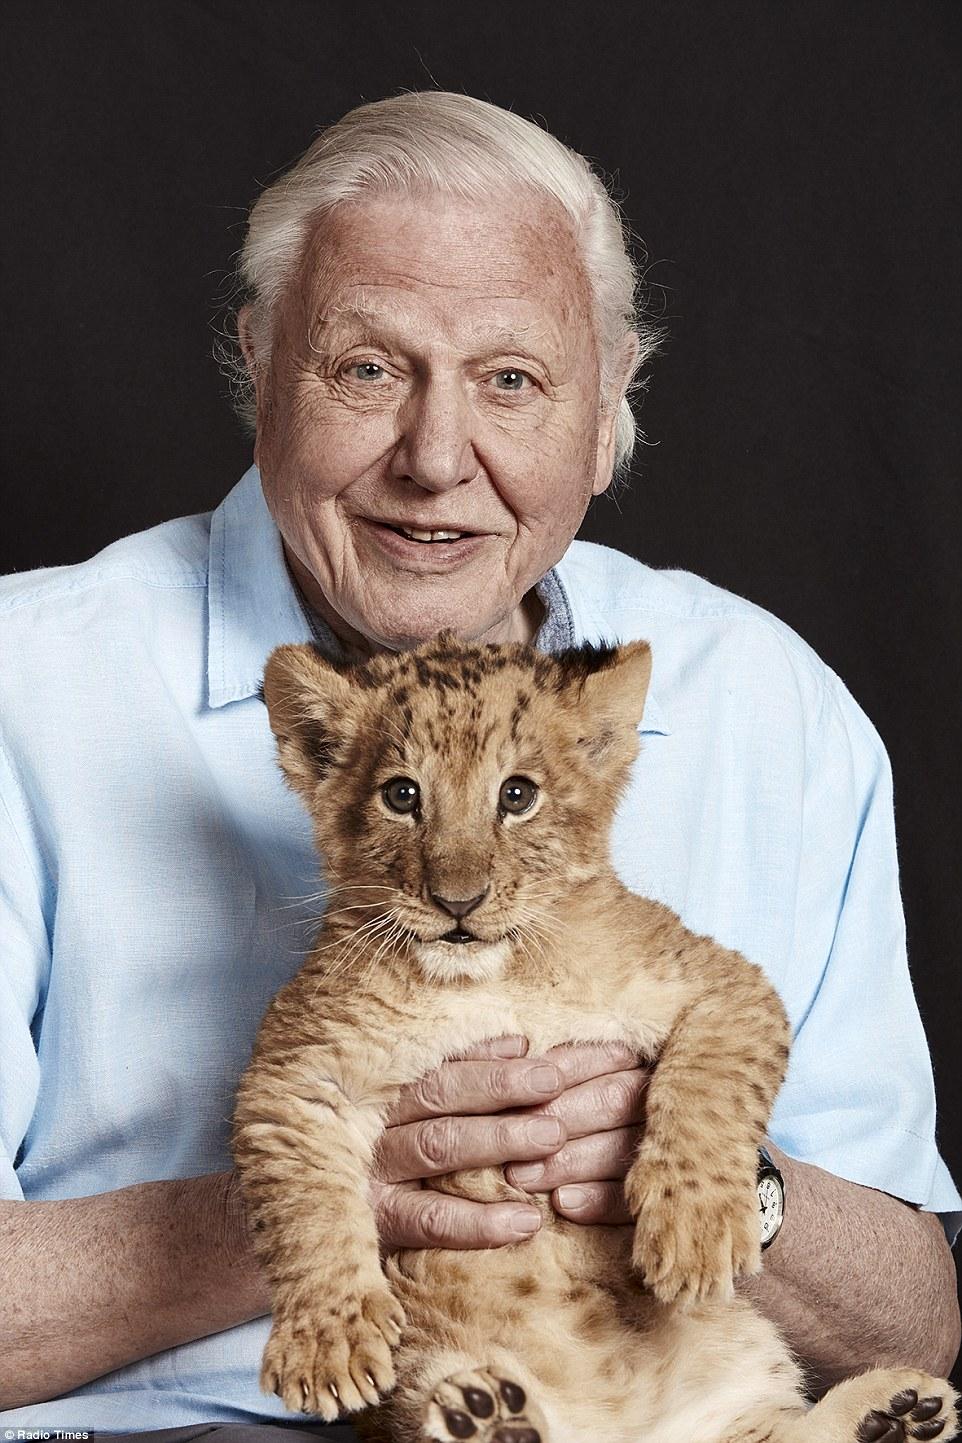 Sir David med katt.jpg